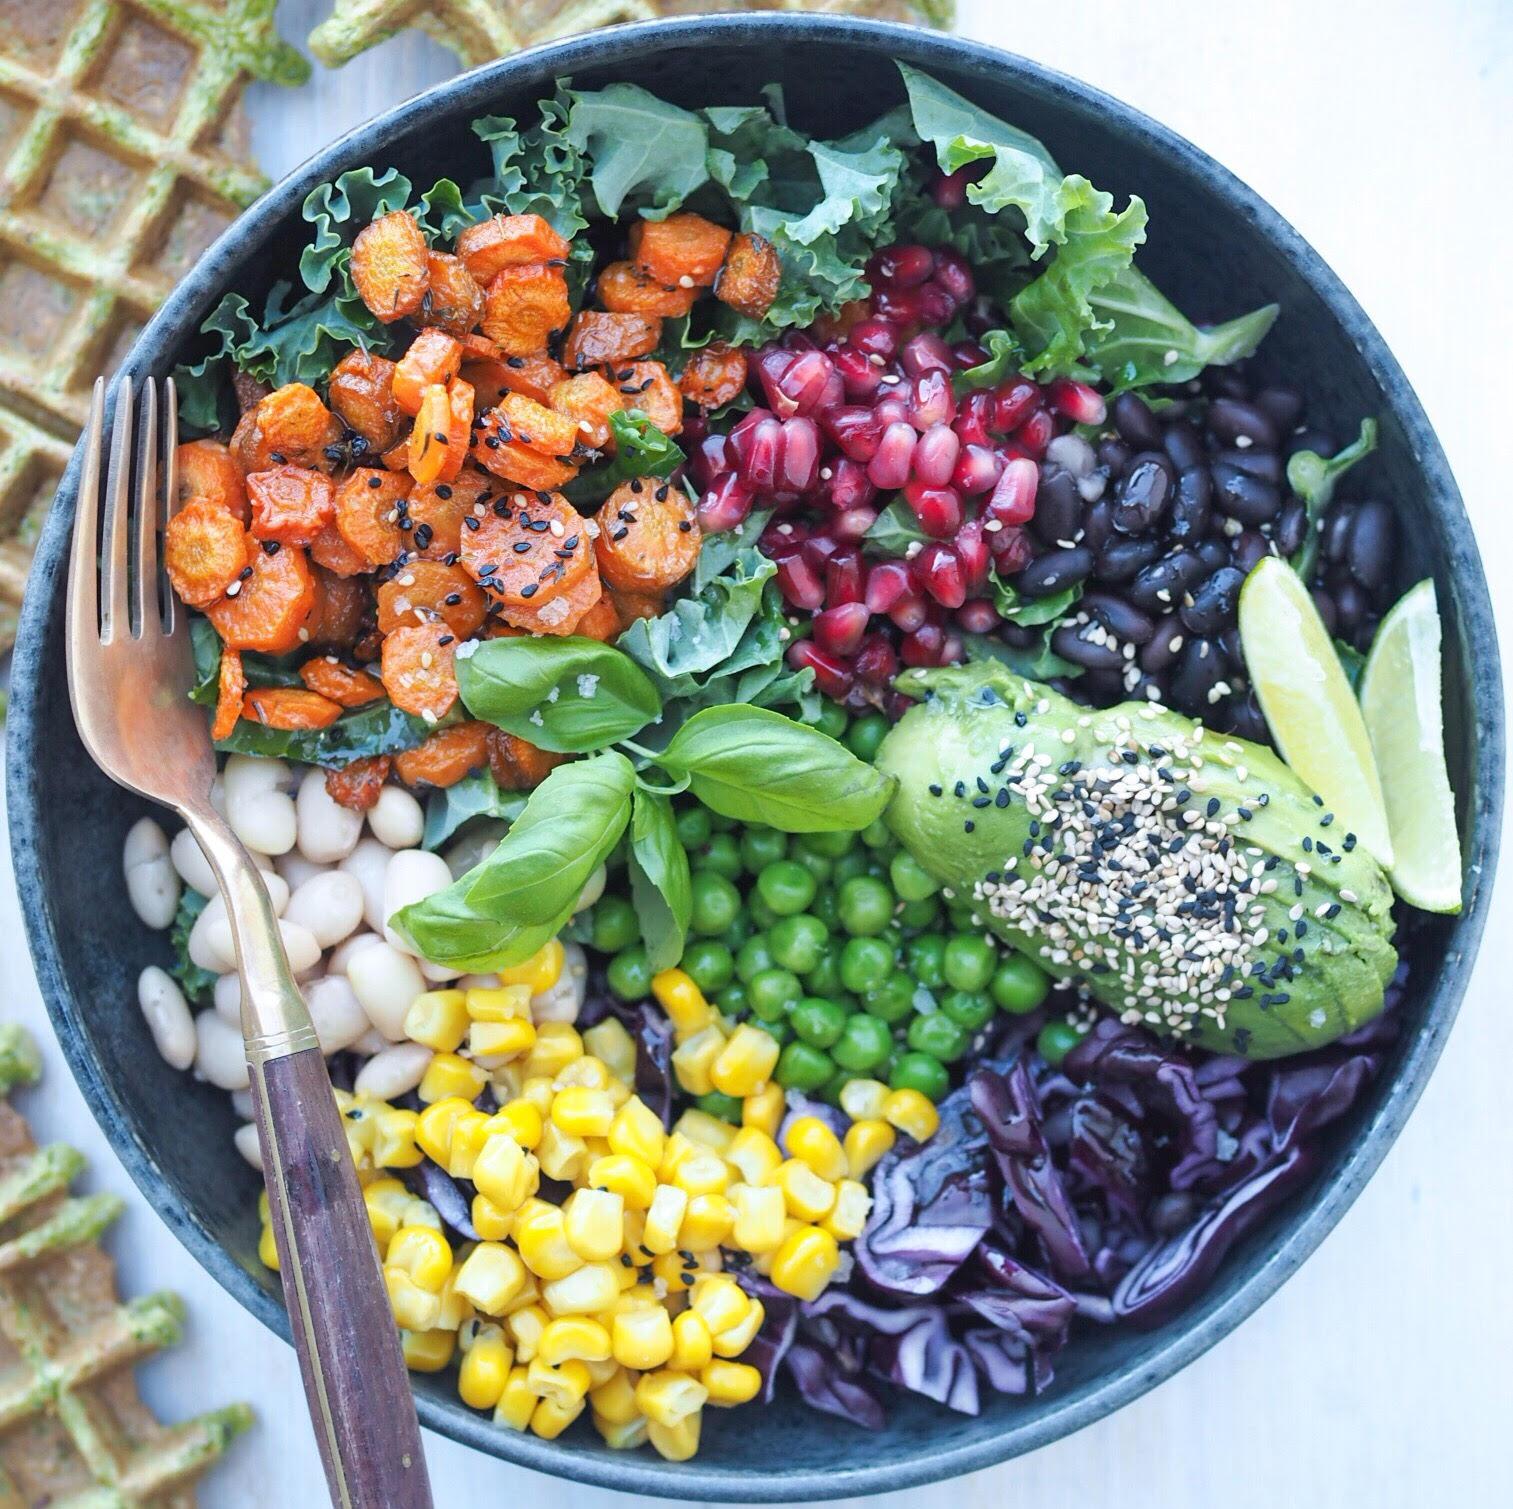 Sunde salater, glutenfri skåle også kaldet bowls som årets madtrend 2017